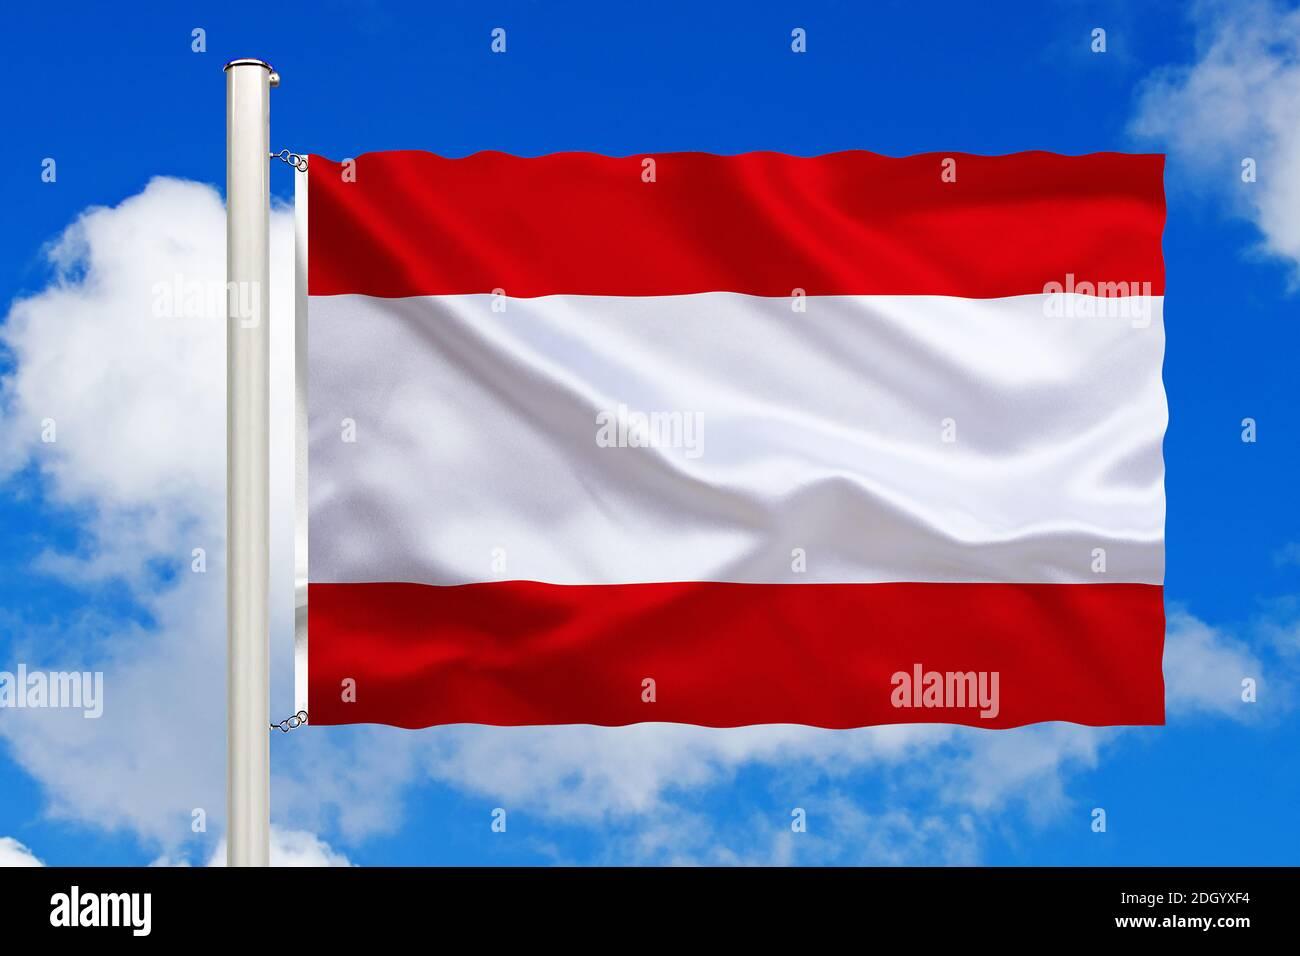 Französich-Polynesien, Tahiti, Südsee, Nationalflagge Nationalfahne,, Fahne, Flagge, Flaggenmast, cumulus Wolken vor blauen Himmel, Stockfoto